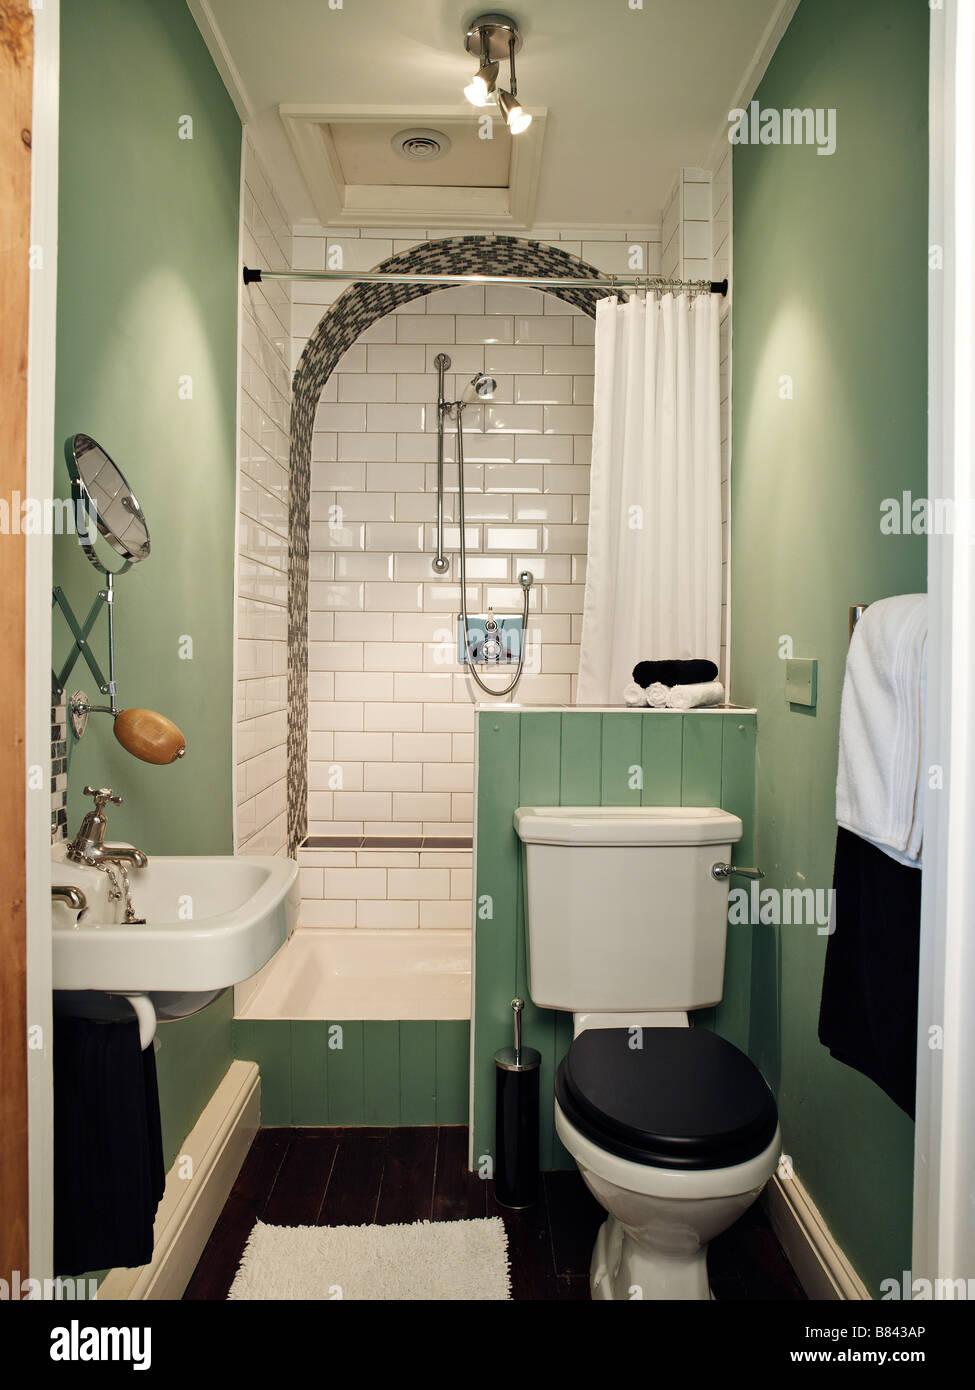 Petite salle de bains avec douche wc et lavabo Banque D ...